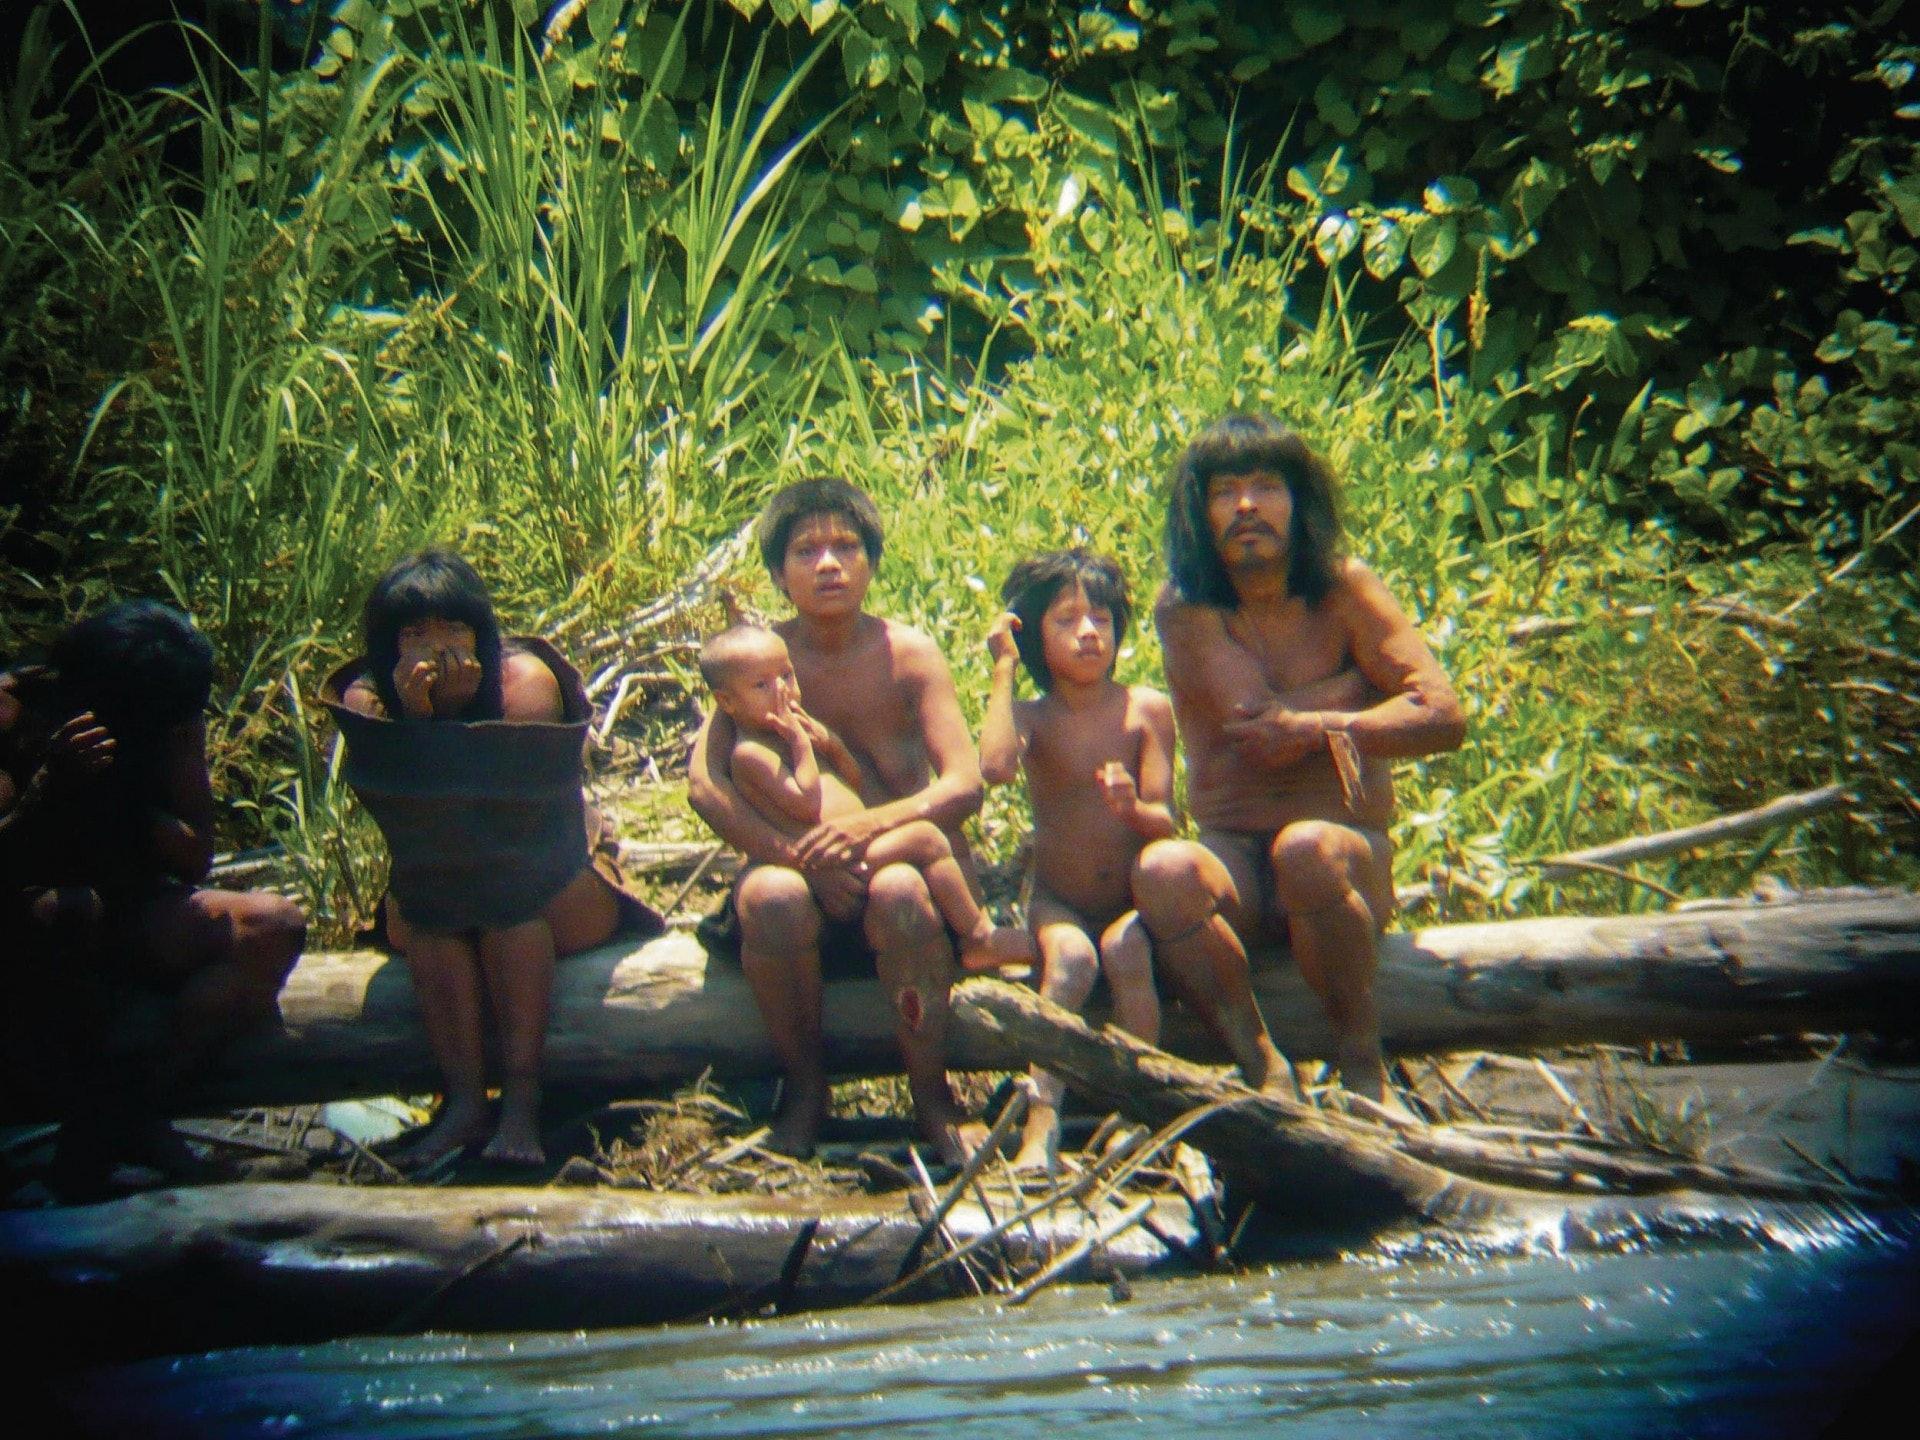 人類學家Luís Felipe Torres根據過往土著部落被外來者入侵的經驗,他對馬斯科皮洛人的命運感到悲觀。(VCG)